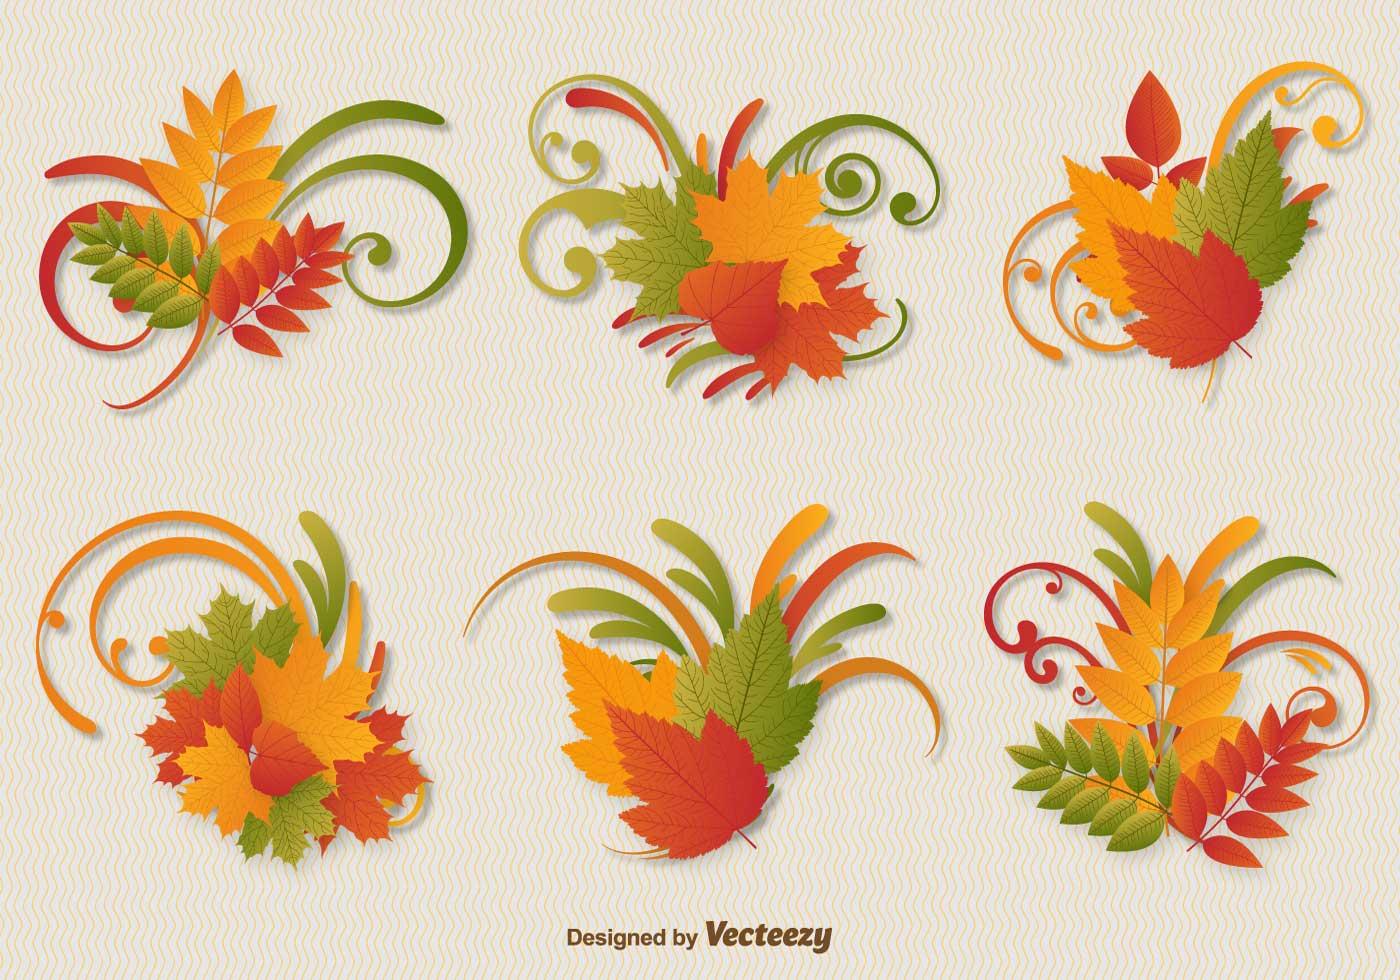 Autumn Leaves Ornament Vectors - Download Free Vectors ...